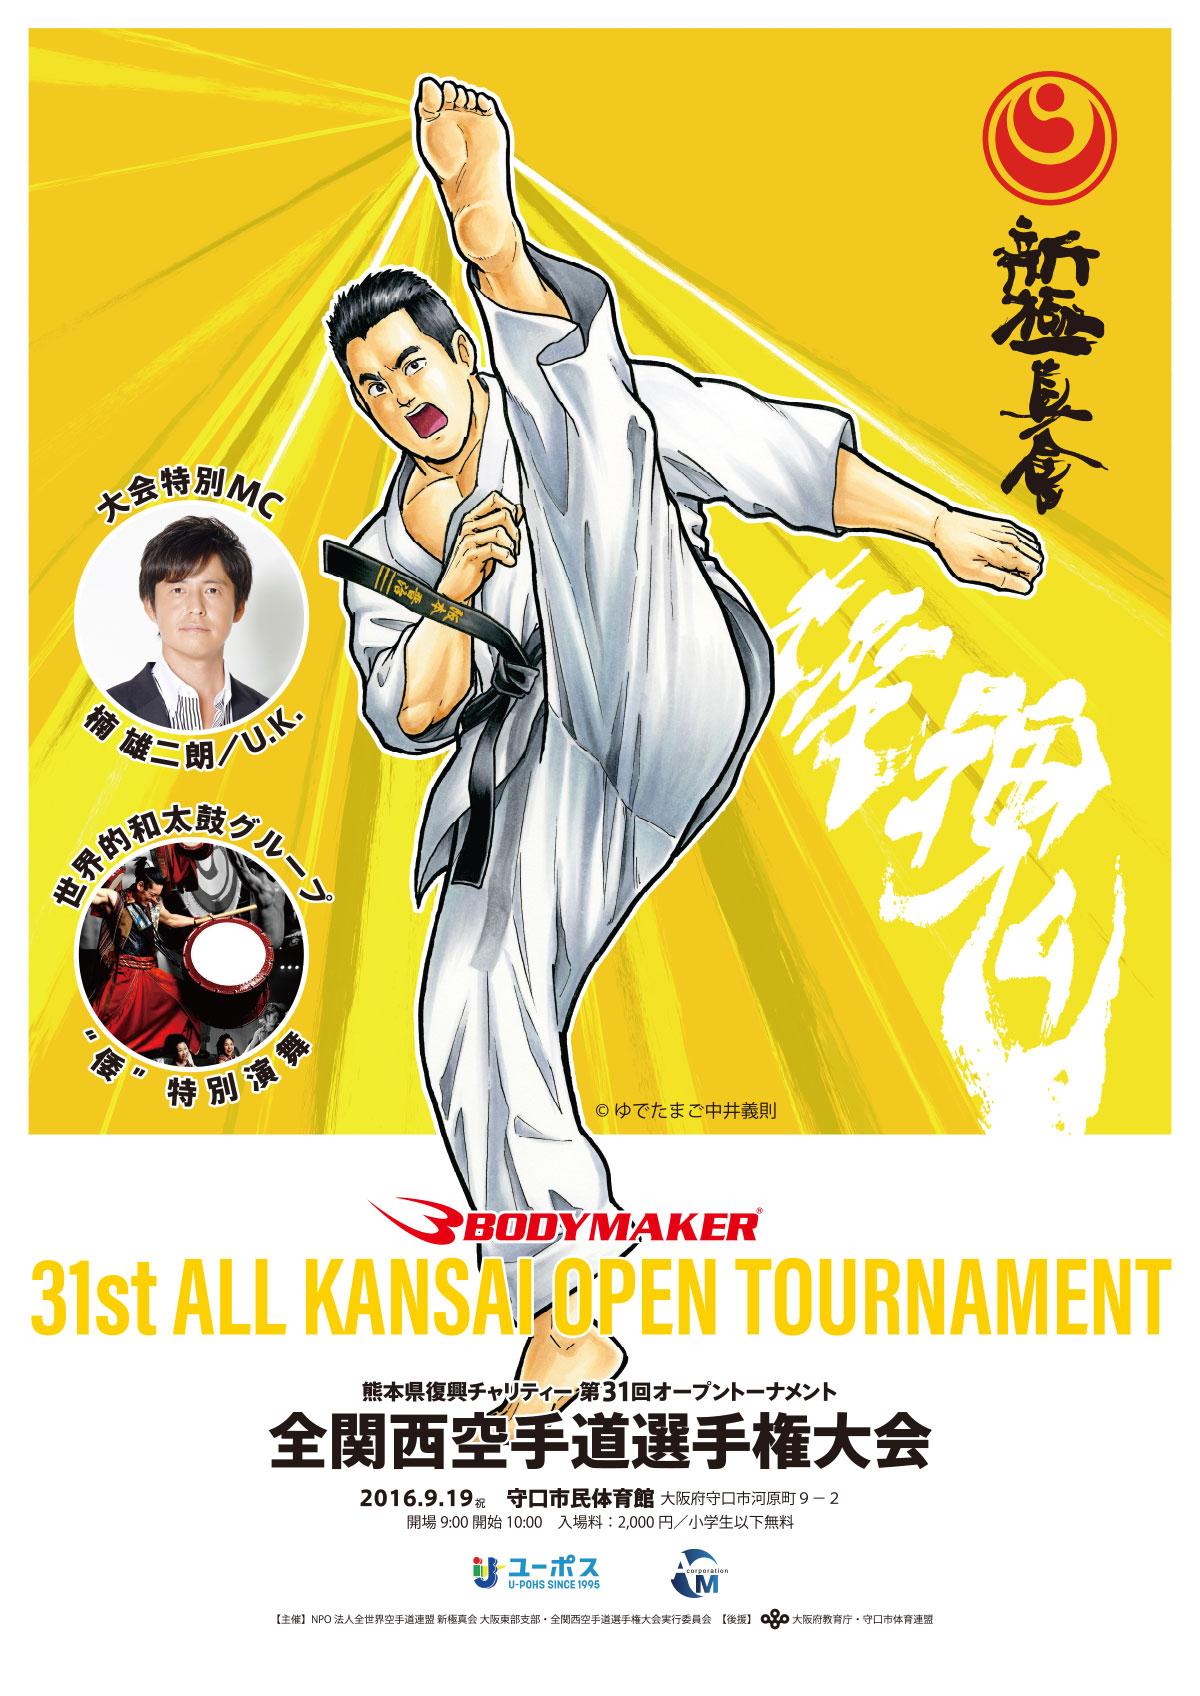 熊本県復興チャリティー 第31回オープントーナメント全関西空手道選手権大会